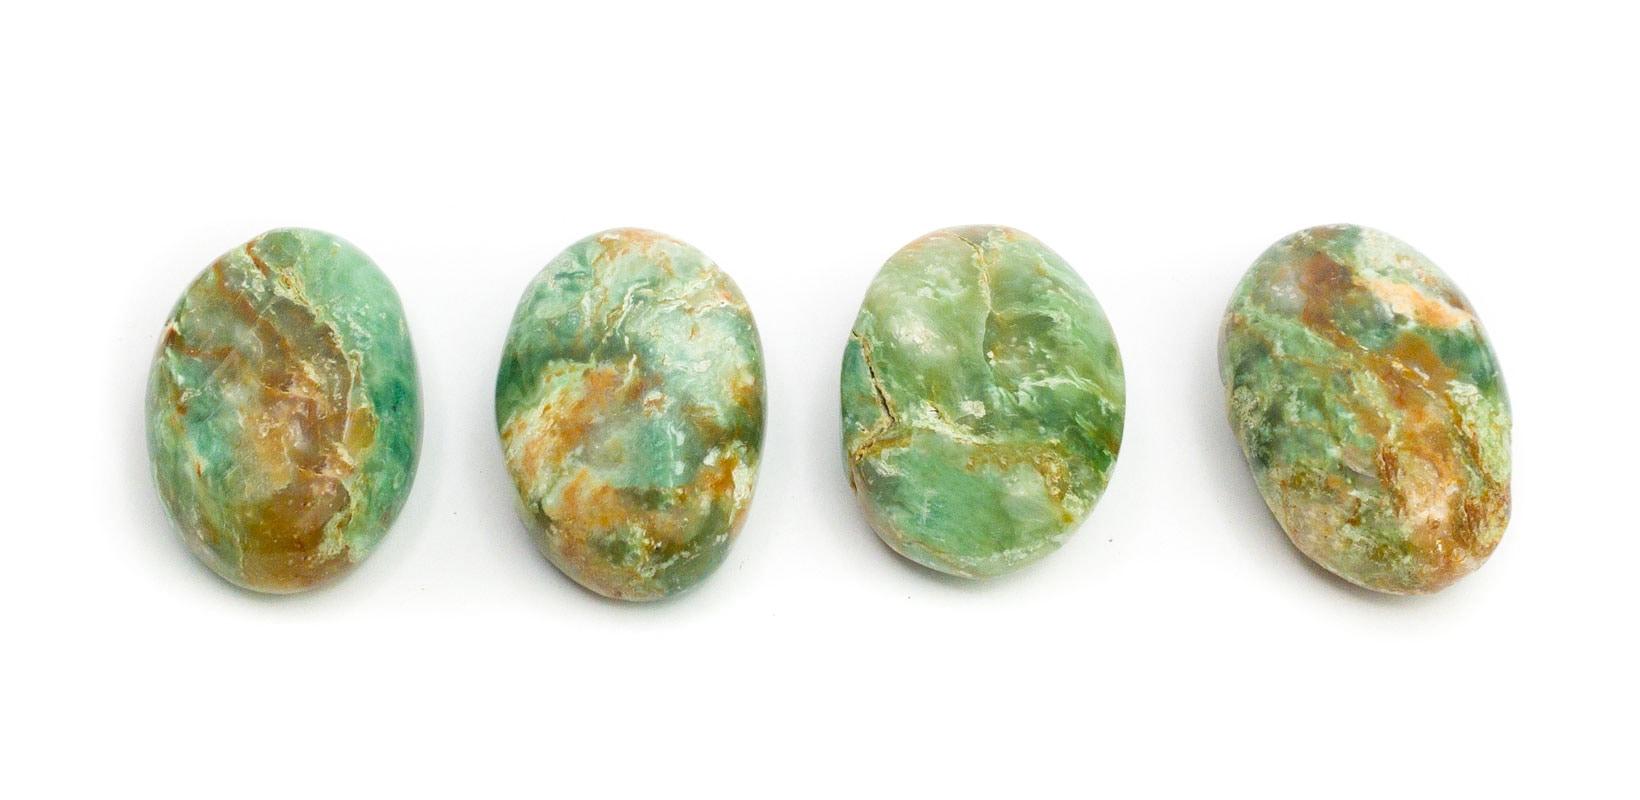 Handschmeichler Grüner Smaragd-Chalcedon Trommelstein Glücksstein Halbedelstein Edelstein Kraftstein